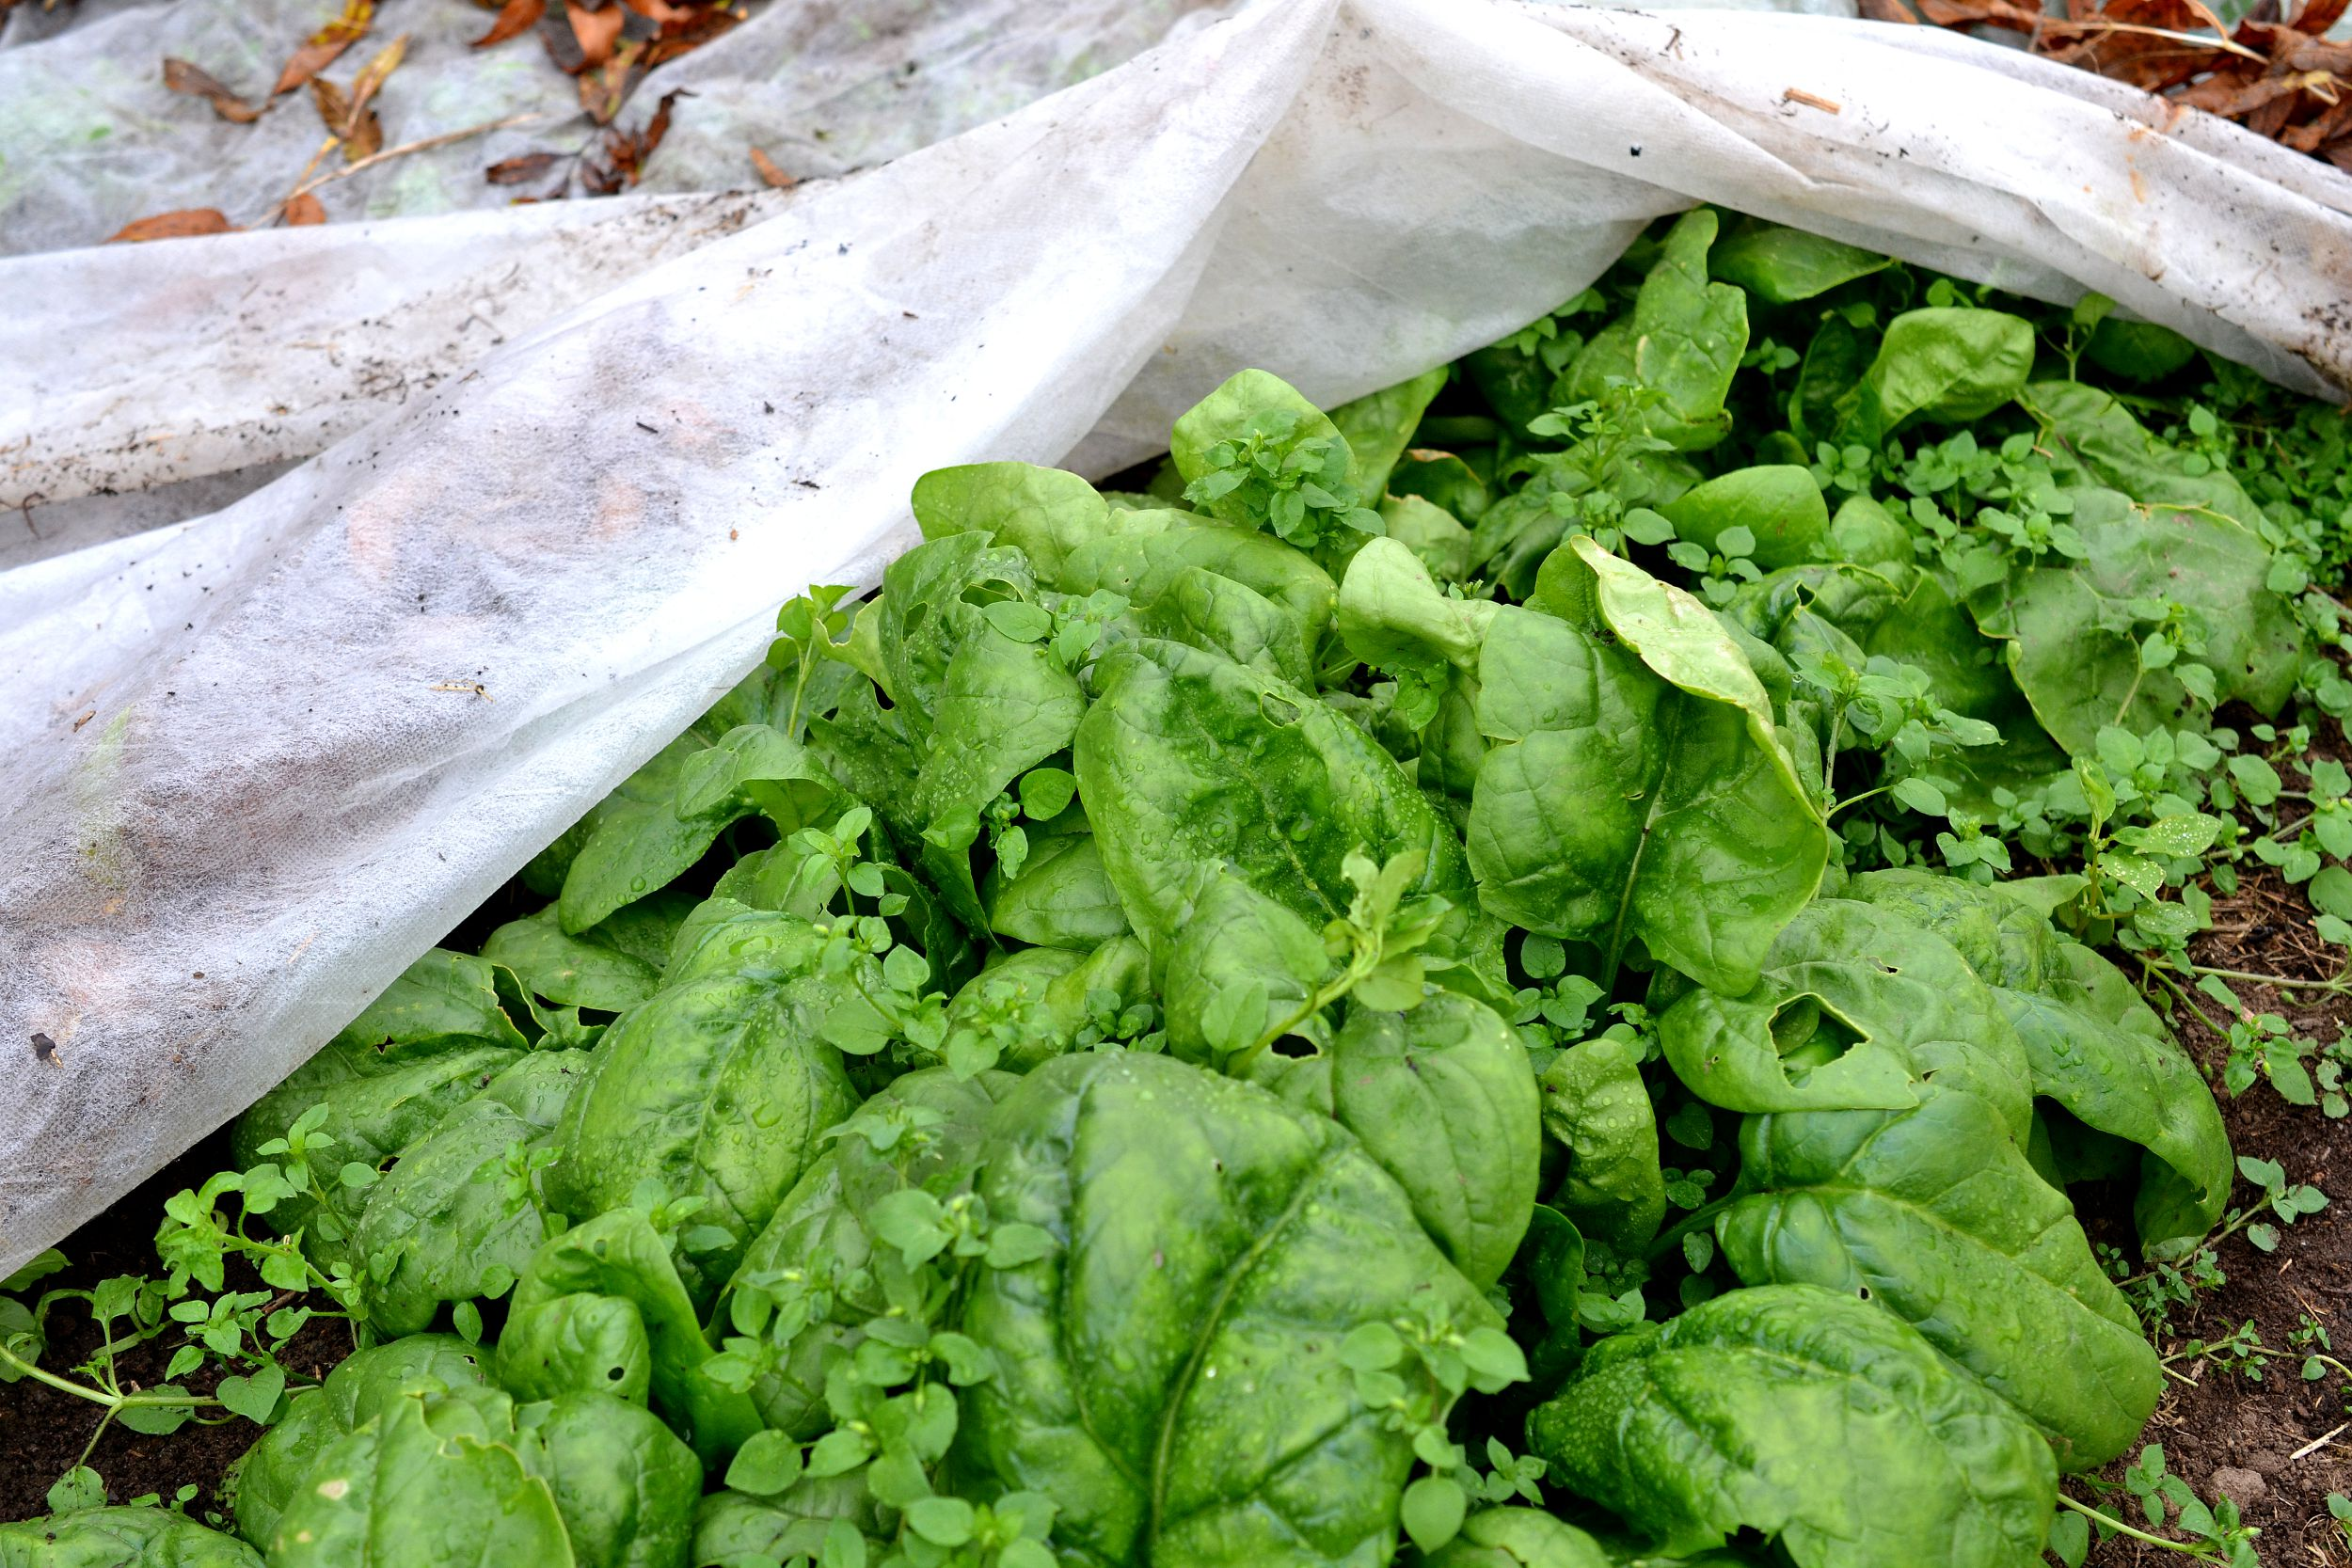 Gröna läckra spenatblad gömmer sig under en fiberduk i köksträdgården.